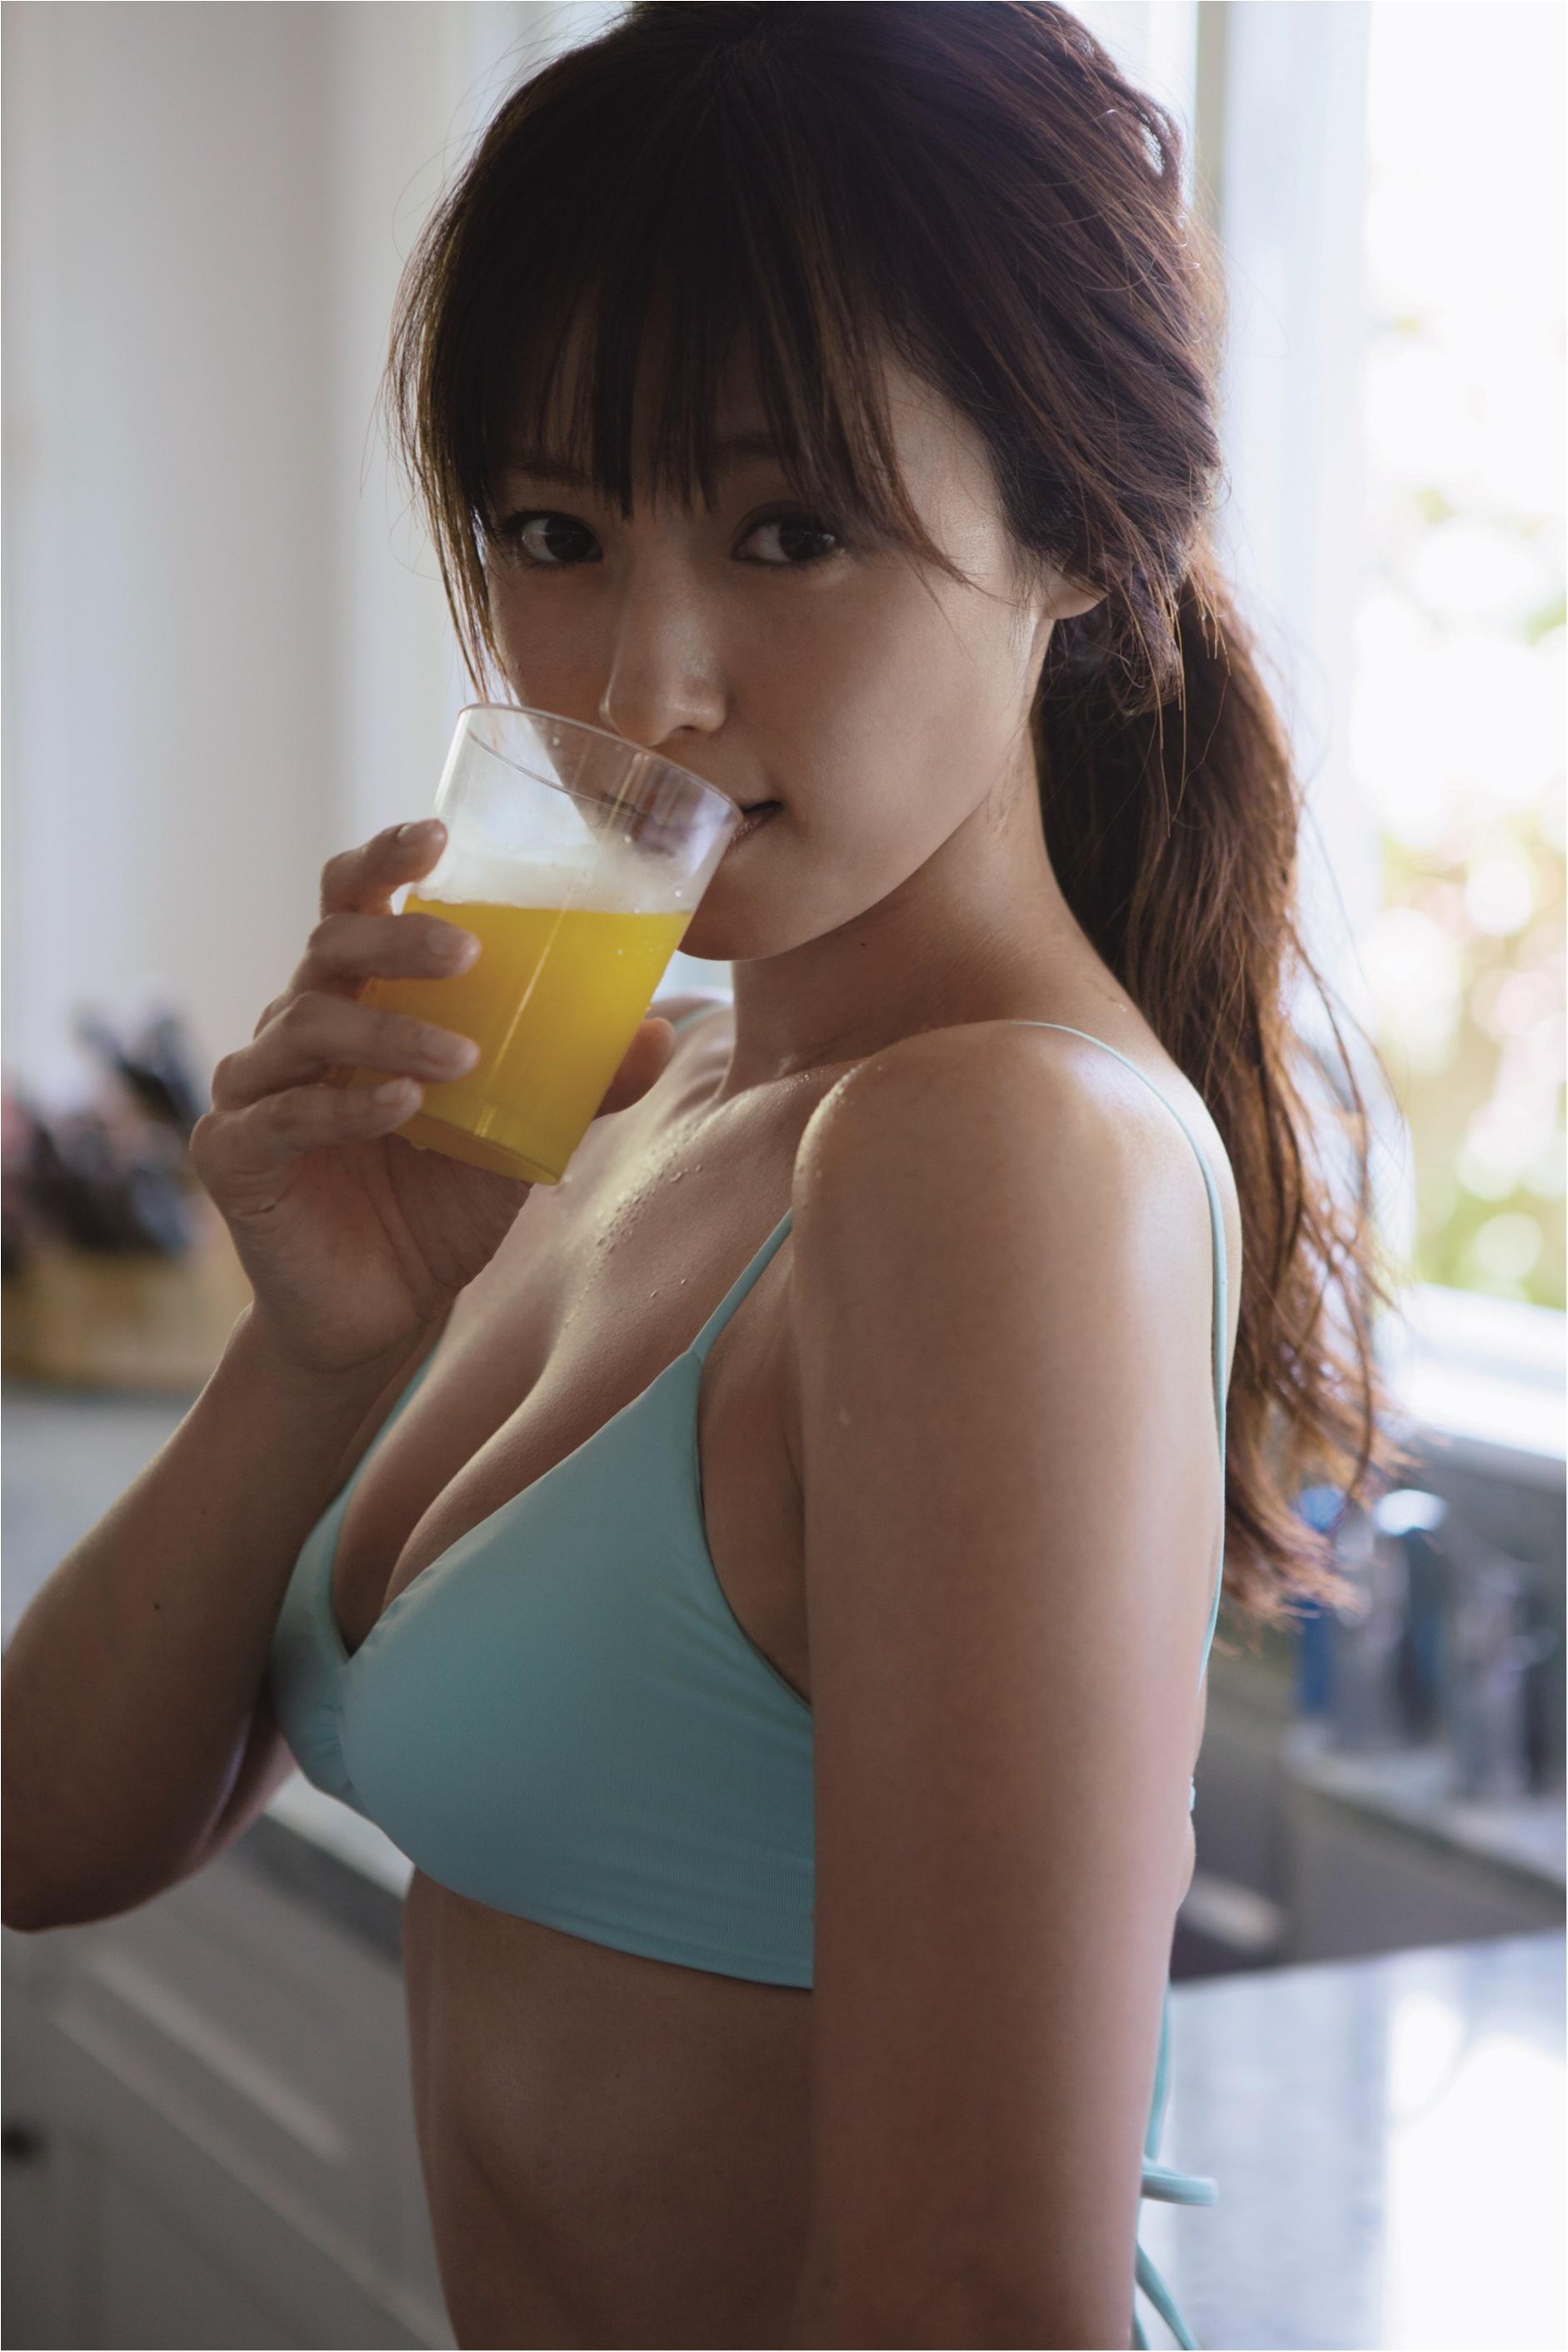 いよいよ明日23日! 深田恭子さんの美しすぎる最新写真集がなんと2冊同時リリース!!_1